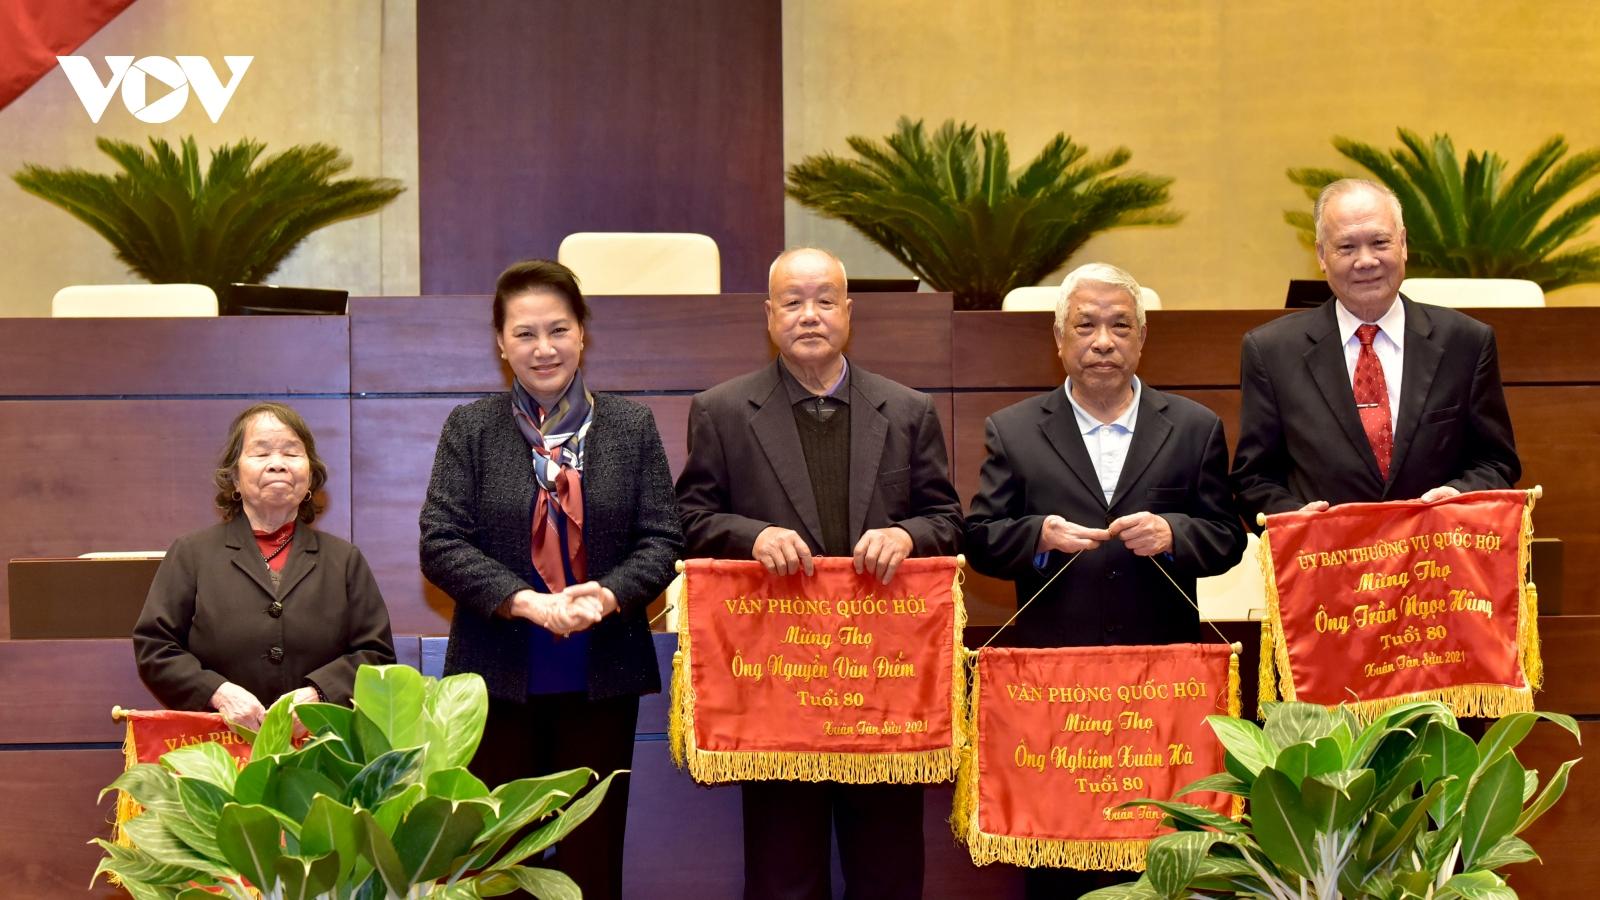 Chủ tịch Quốc hội chúc Tết nguyên lãnh đạo, cán bộ Quốc hội nghỉ hưu